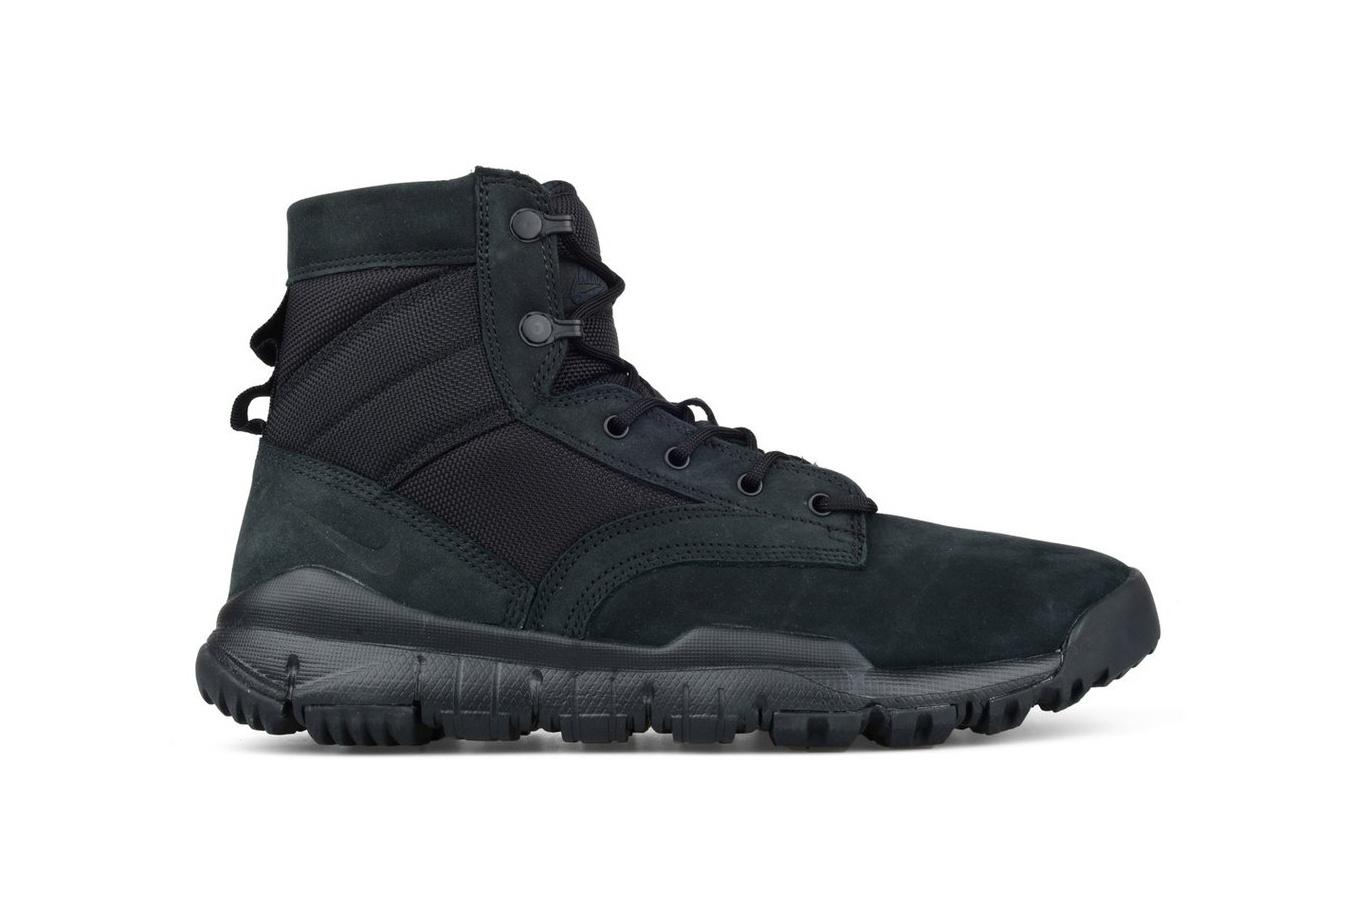 Découverte de la Nike SFB 6 Leather Boot en mode Triple Black